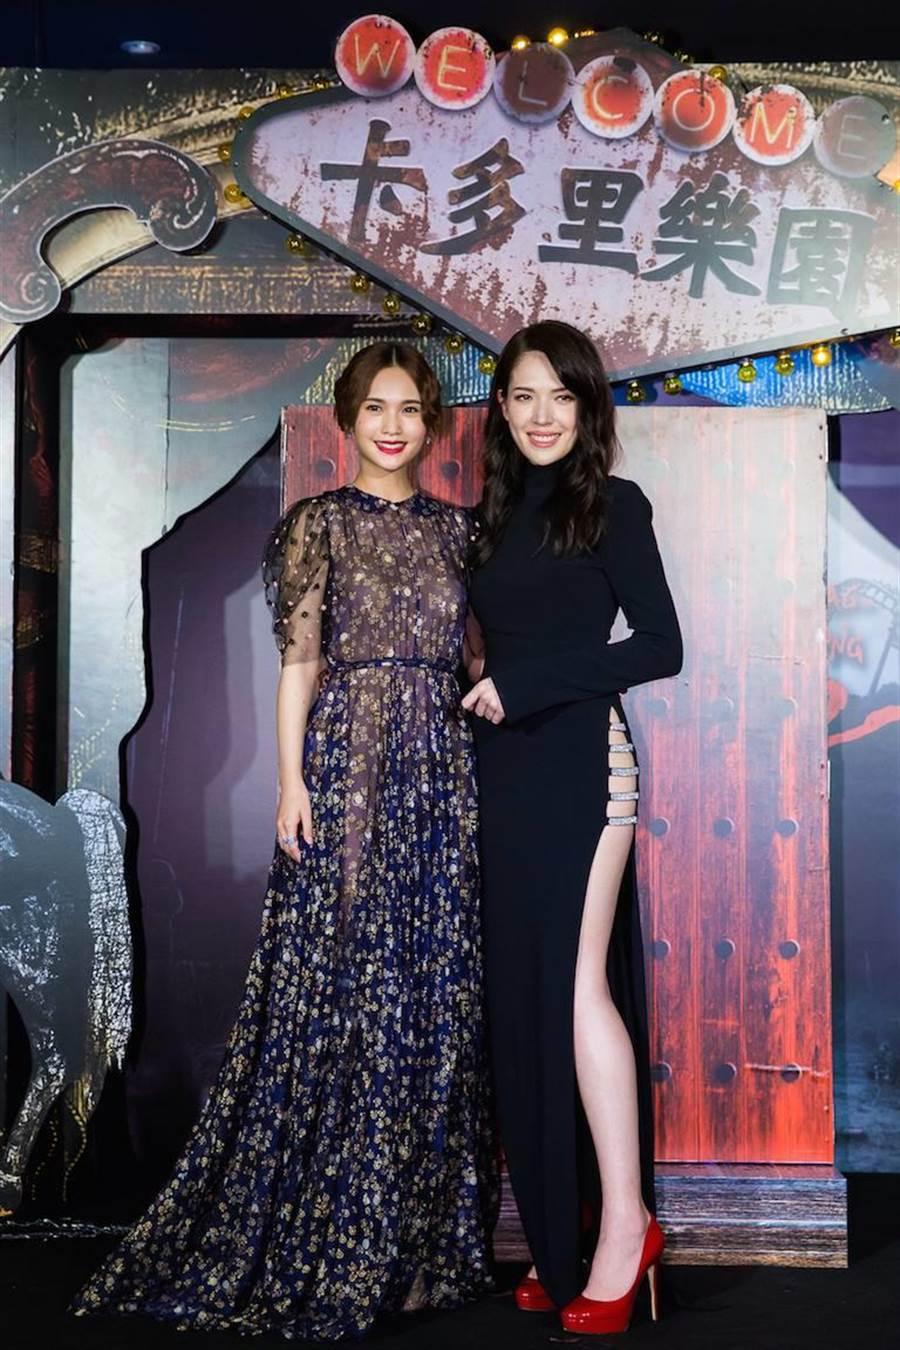 楊丞琳(左)和許瑋甯將回歸紅衣系列演出。(取自臉書)